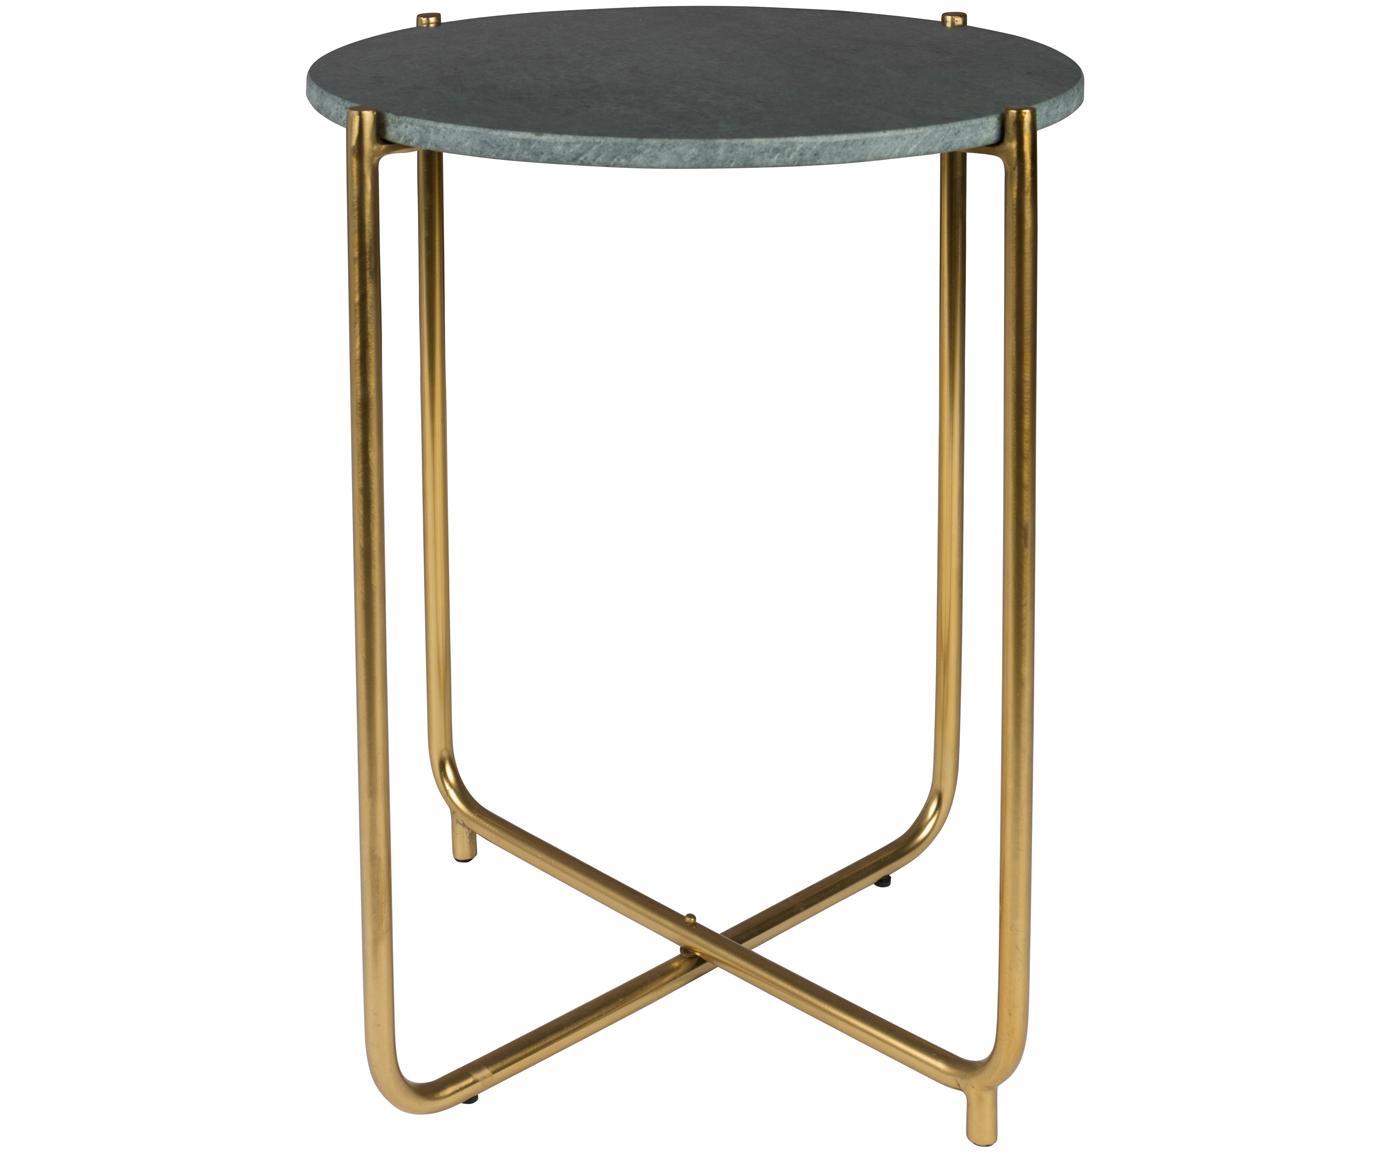 Okrągły stolik pomocniczy z marmuru Timpa, Blat: marmur, Nogi: metal mosiądzowany, Blat: zielony, marmurowy Nogi: mosiądz, Ø 45 x W 54 cm